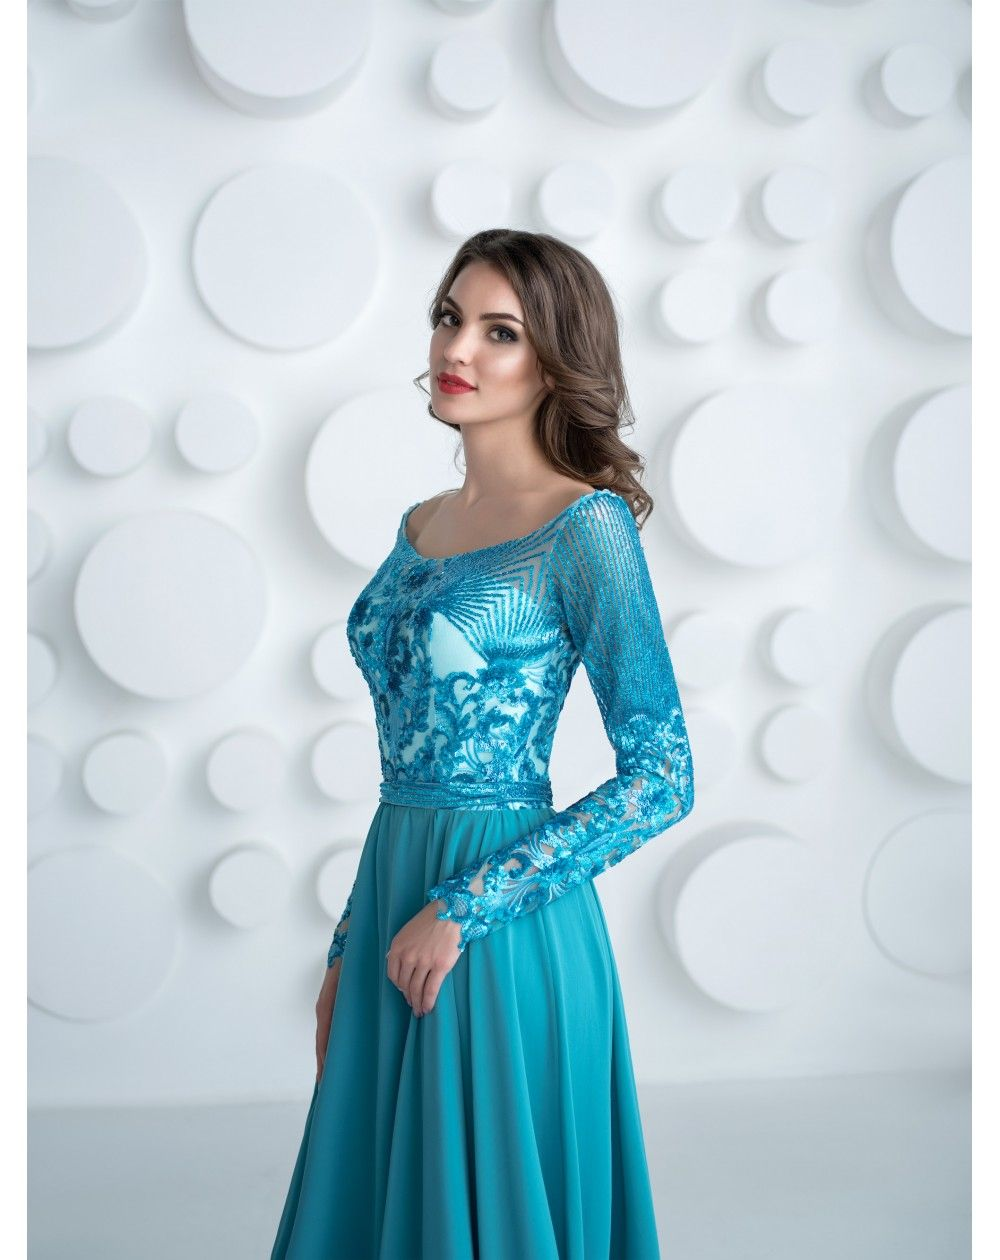 Dlhé tyrkysové šaty na ples s dlhými rukávmi. Zvršok je vytvorený z  neopakovateľnej látky so 5c431e4aed6